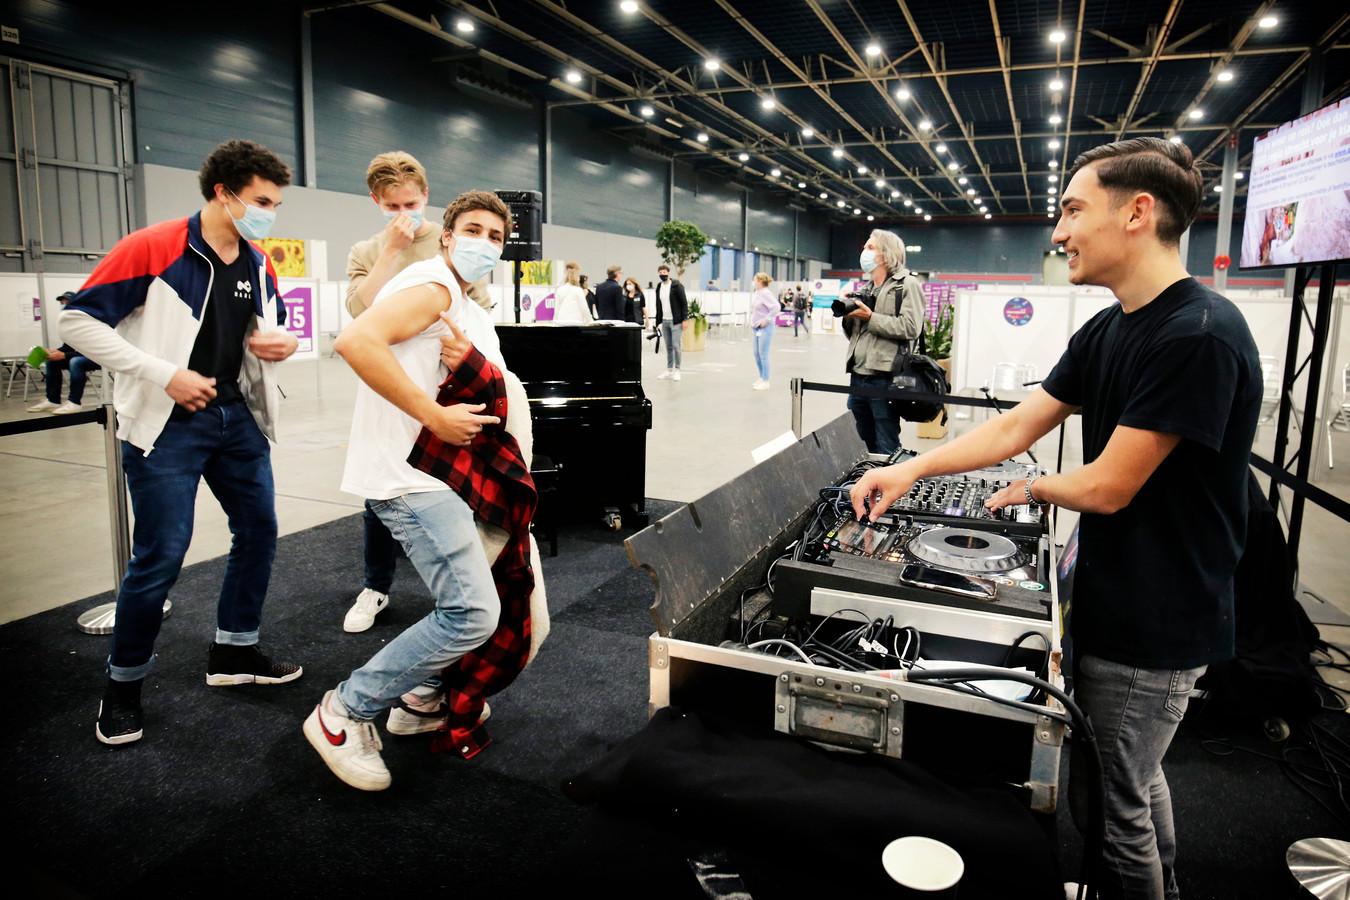 Eind juni konden jongeren tot één uur 's nachts een vaccinatie halen in de Jaarbeurs . Deze jongen lijkt niet bang en maakt een dansje bij DJ Murat na het krijgen van zijn prik. Maar het aantal mensen dat bang is om flauw te vallen en daarom liggend geprikt wil worden, stijgt wel naarmate jongere mensen geprikt worden.